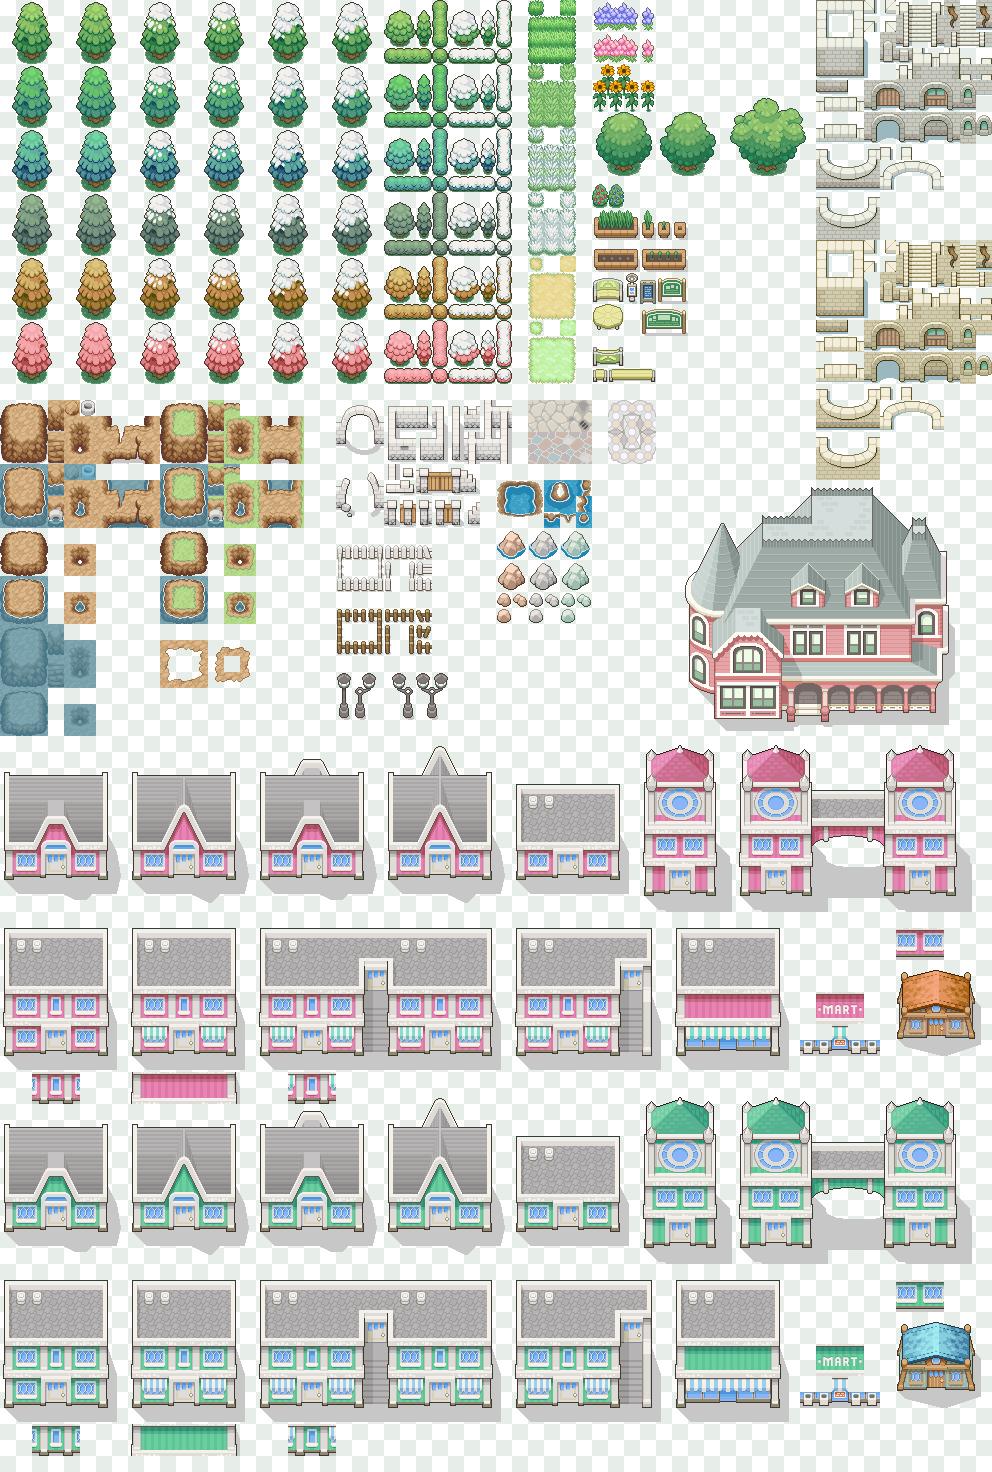 Download tilesets pokemon heartgold rpg maker xp